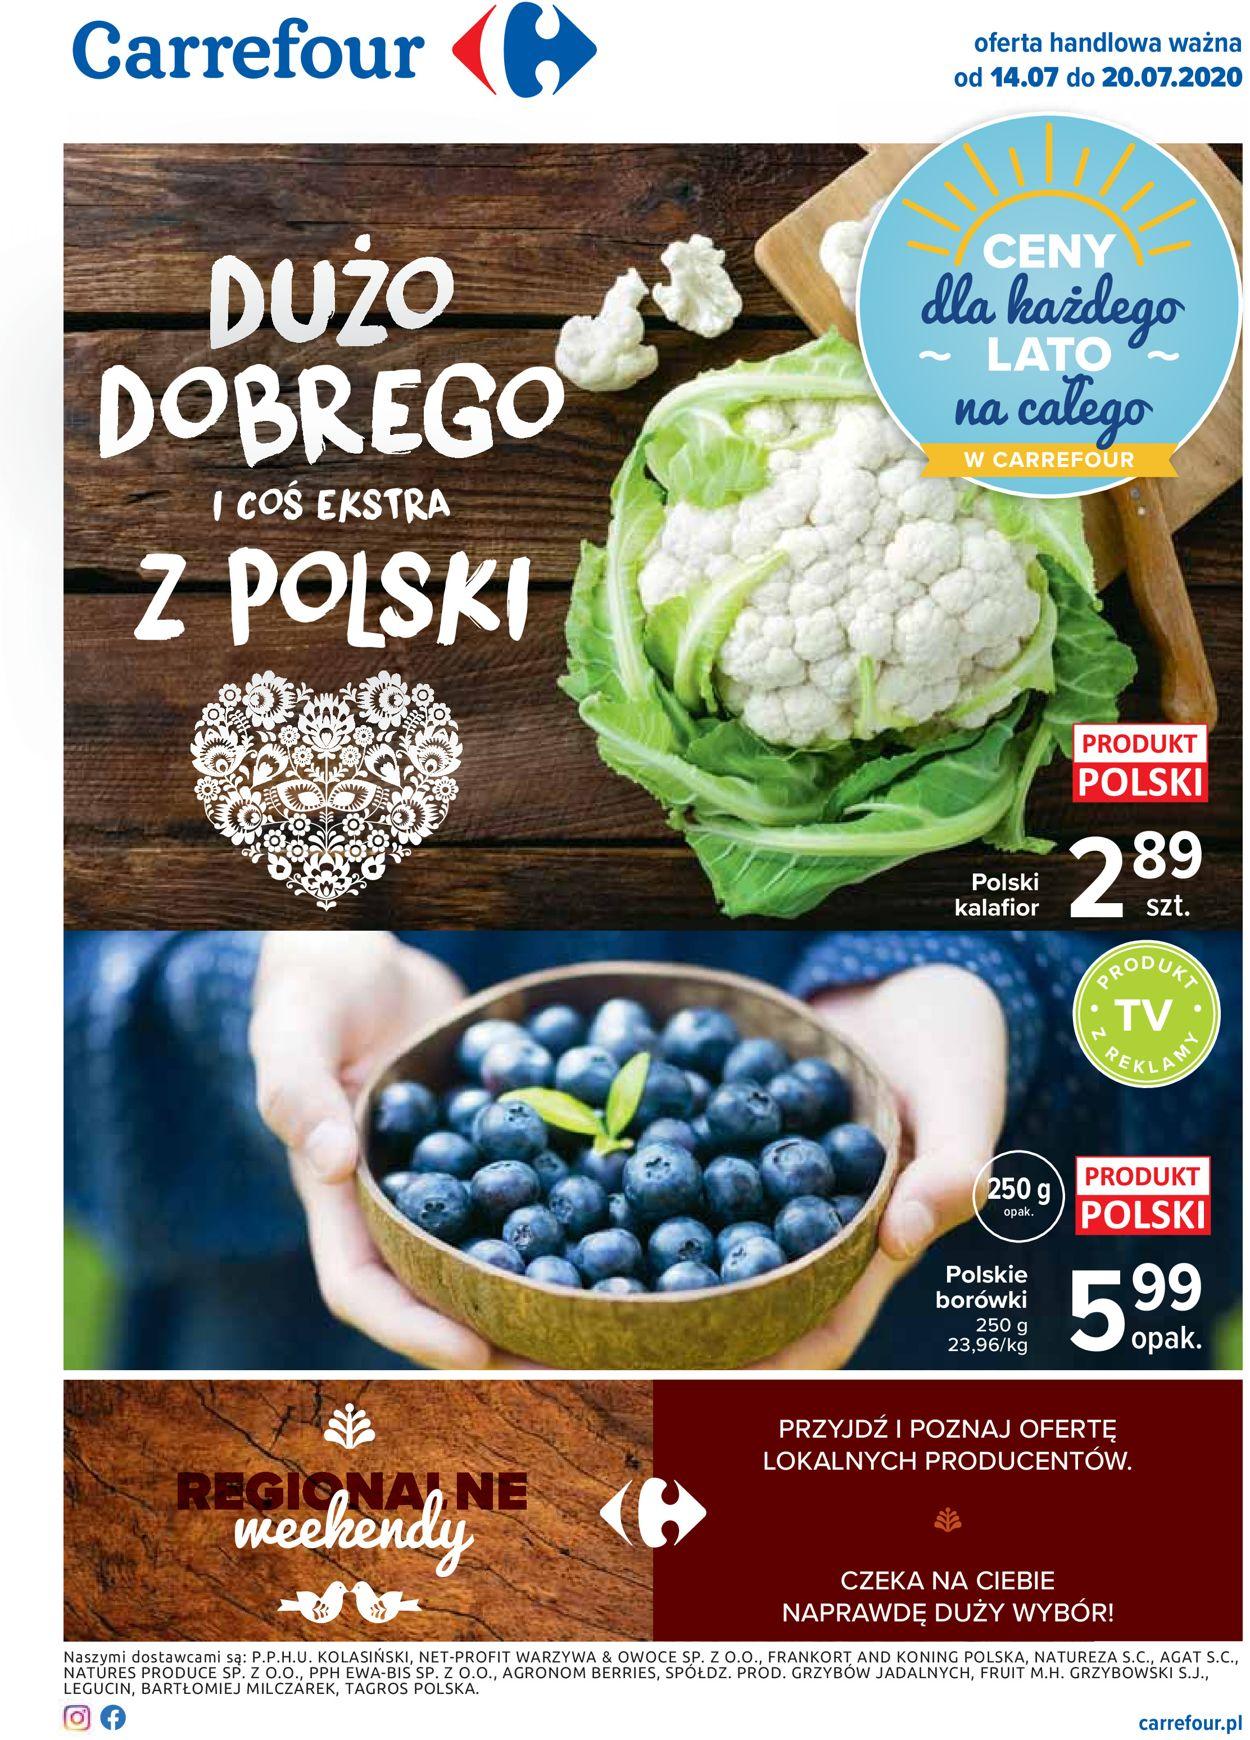 Gazetka promocyjna Carrefour - 14.07-20.07.2020